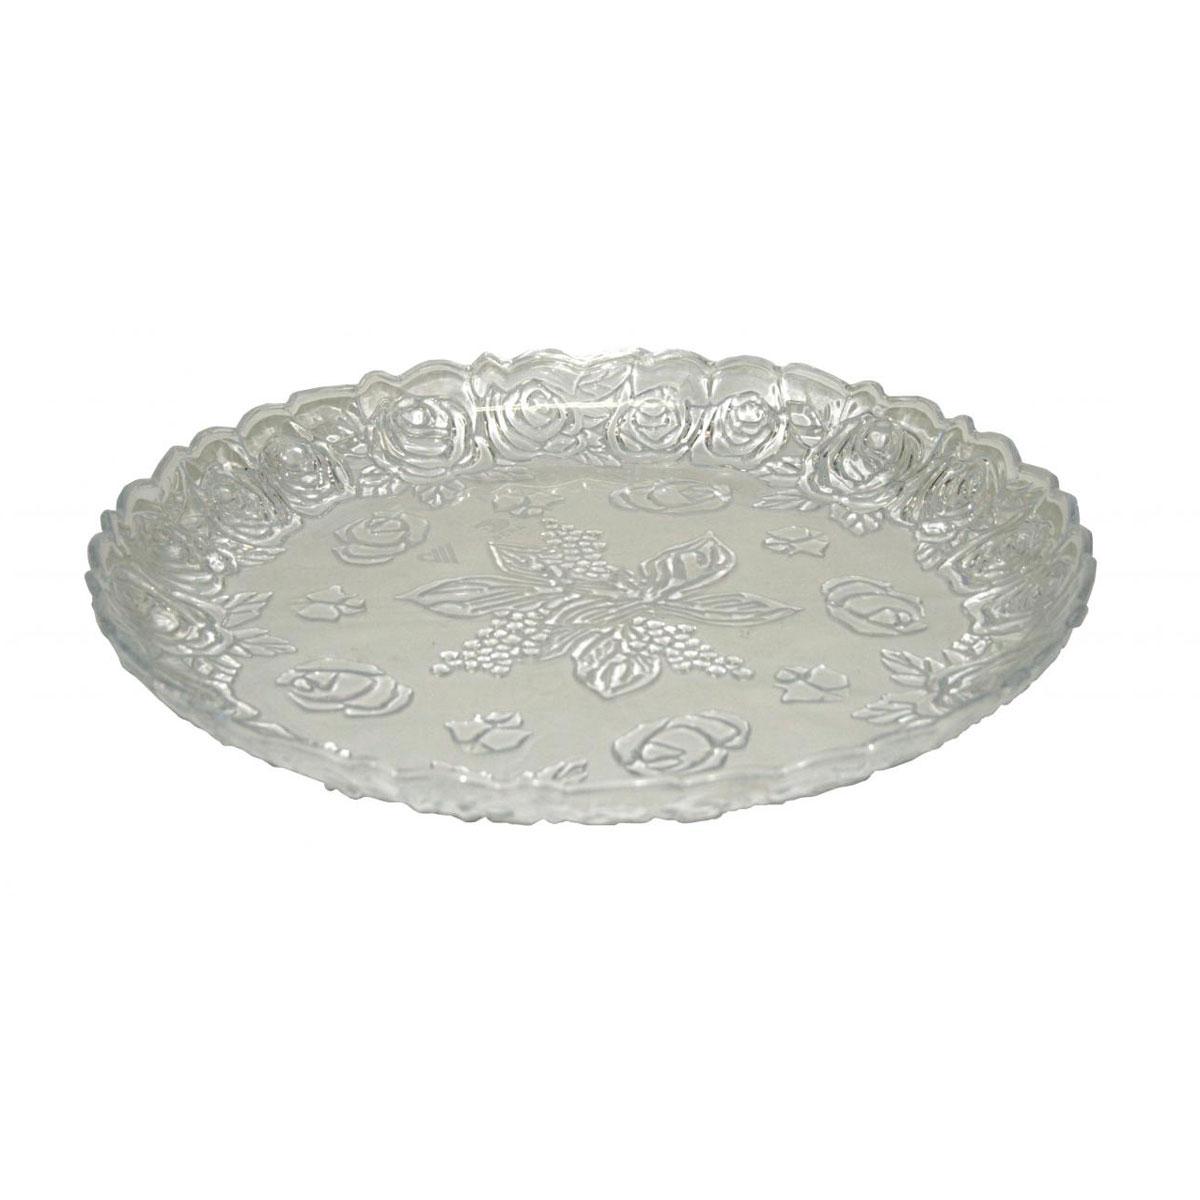 Поднос Альтернатива Изобилие, цвет: прозрачный, диаметр 35 смМ554Поднос Альтернатива Изобилие, выполненный из пластика, станет незаменимым предметом для сервировки стола. Внешние стенки подноса оформлены объемными цветочными узорами. Края подноса фигурные. Красочный дизайн подноса придаст оригинальность и яркость любой кухне или столовой. Поднос уместит на себе достаточно много продуктов и предохранит поверхность стола от грязи и перегрева. Диаметр подноса: 35 см. Высота подноса: 4 см.